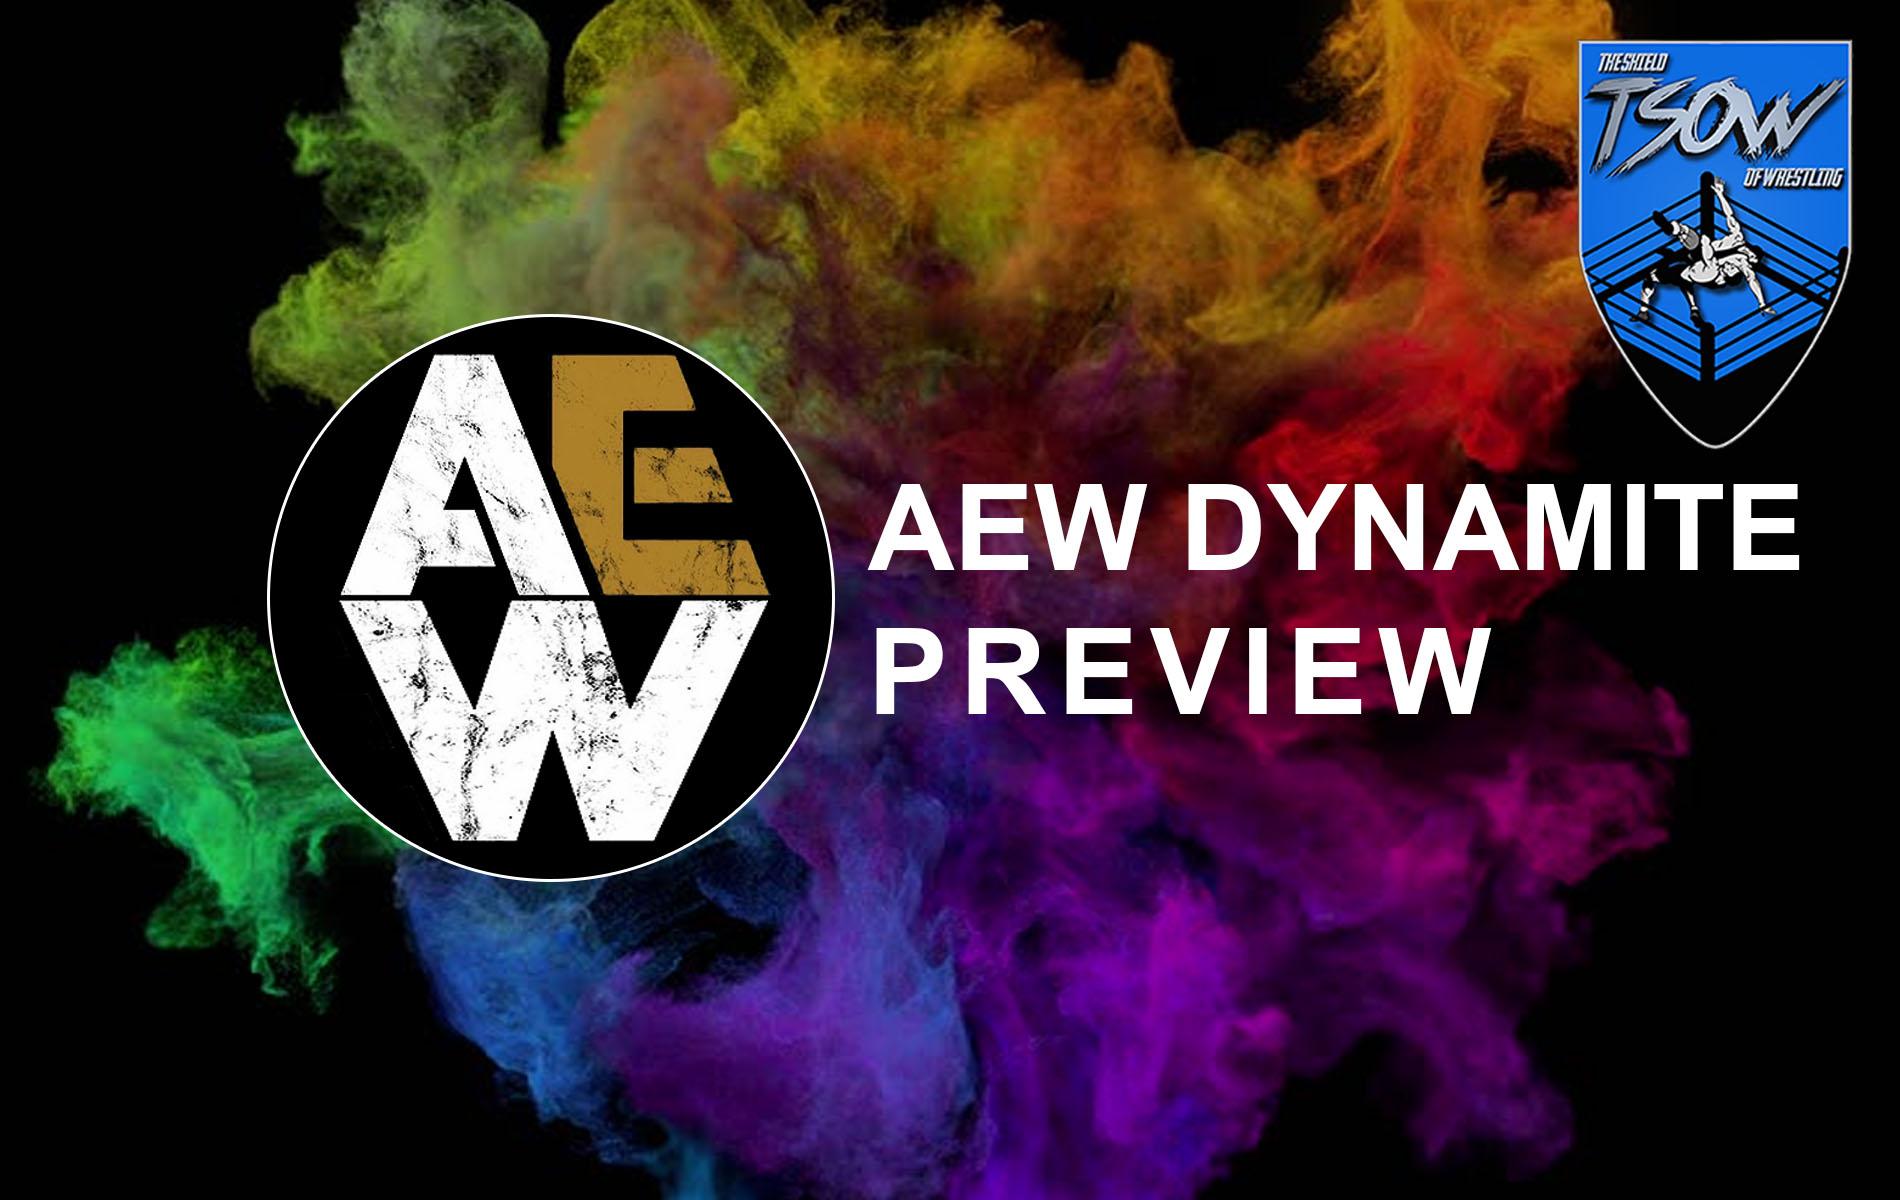 Anteprima AEW Dynamite 28-10-2020